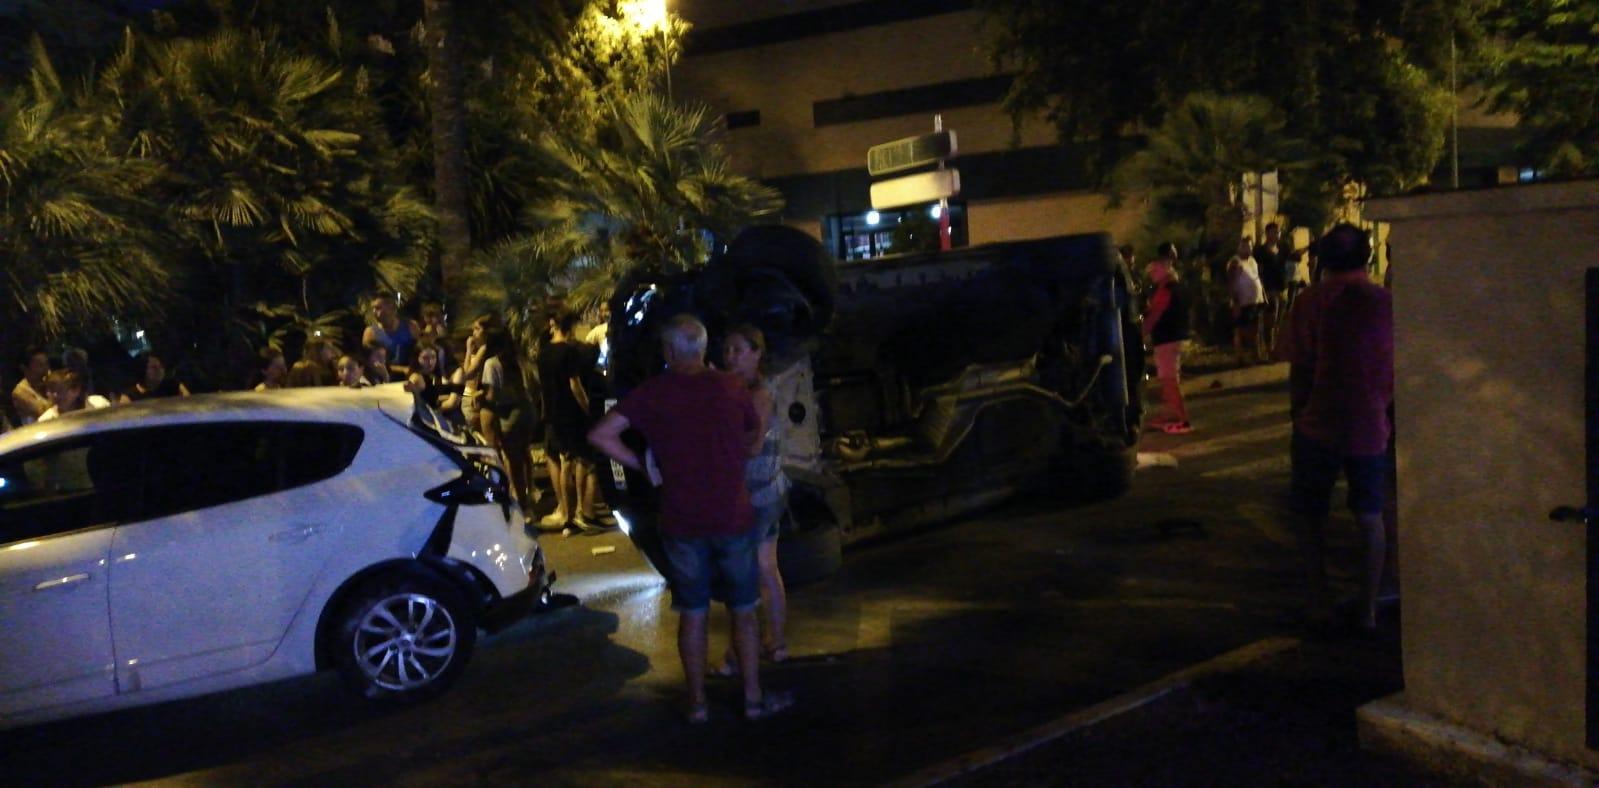 Accident davant de la Casa de la Cultura